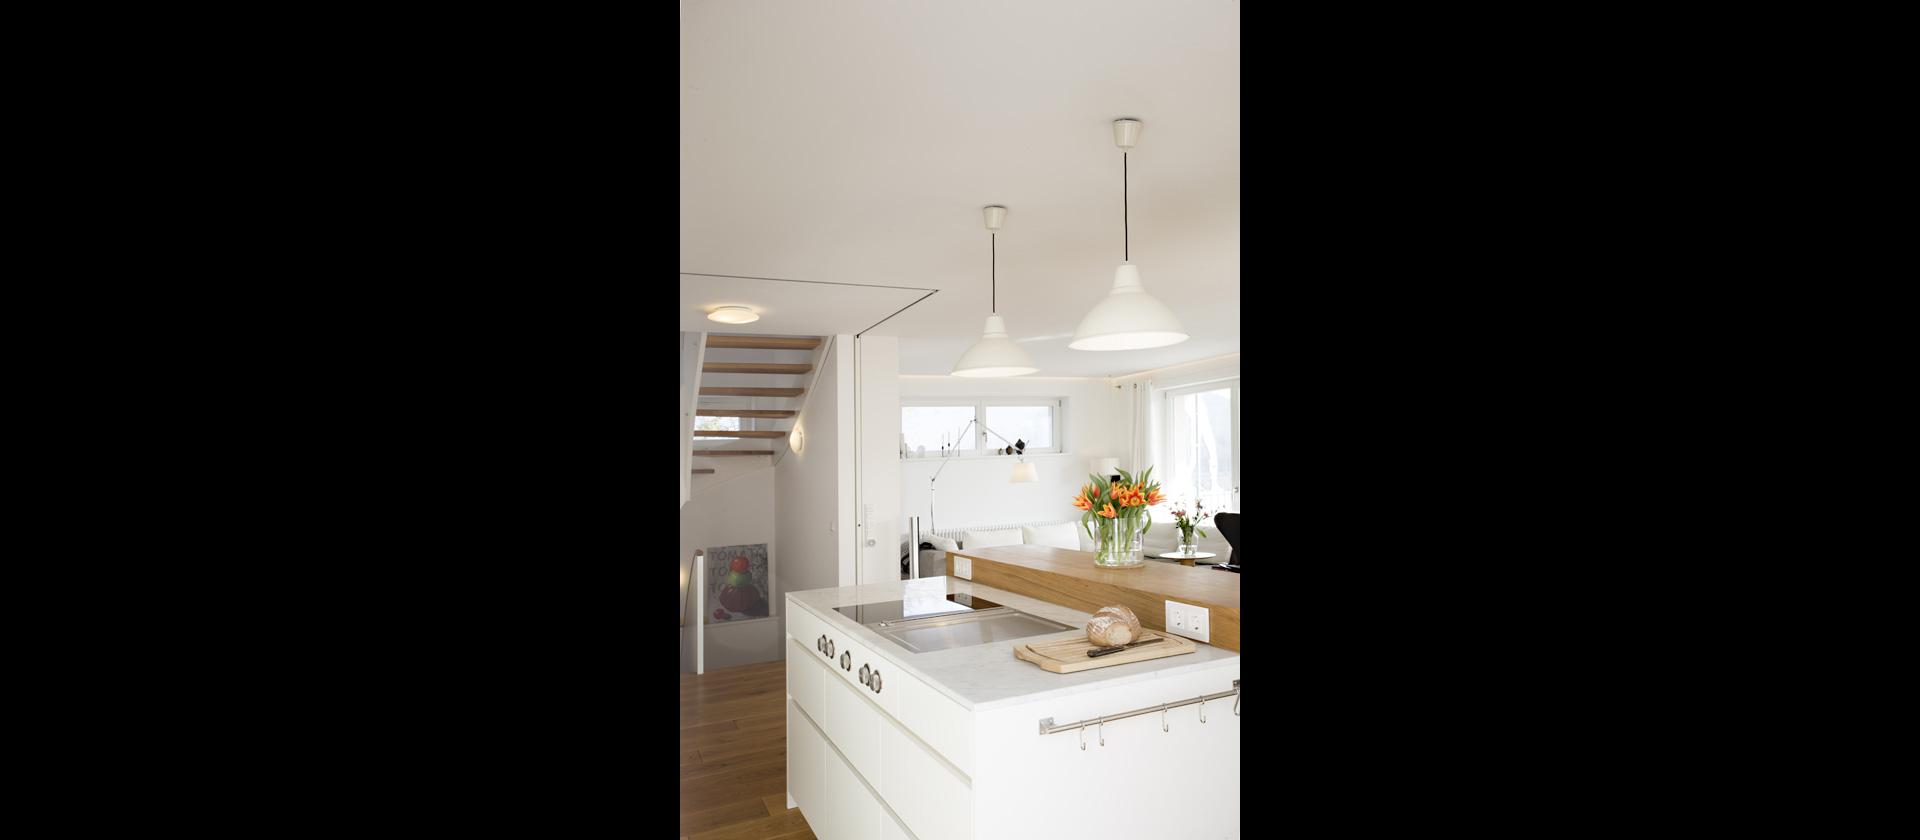 mtb wohnk che mit parkpl tzen f r schiebet ren. Black Bedroom Furniture Sets. Home Design Ideas